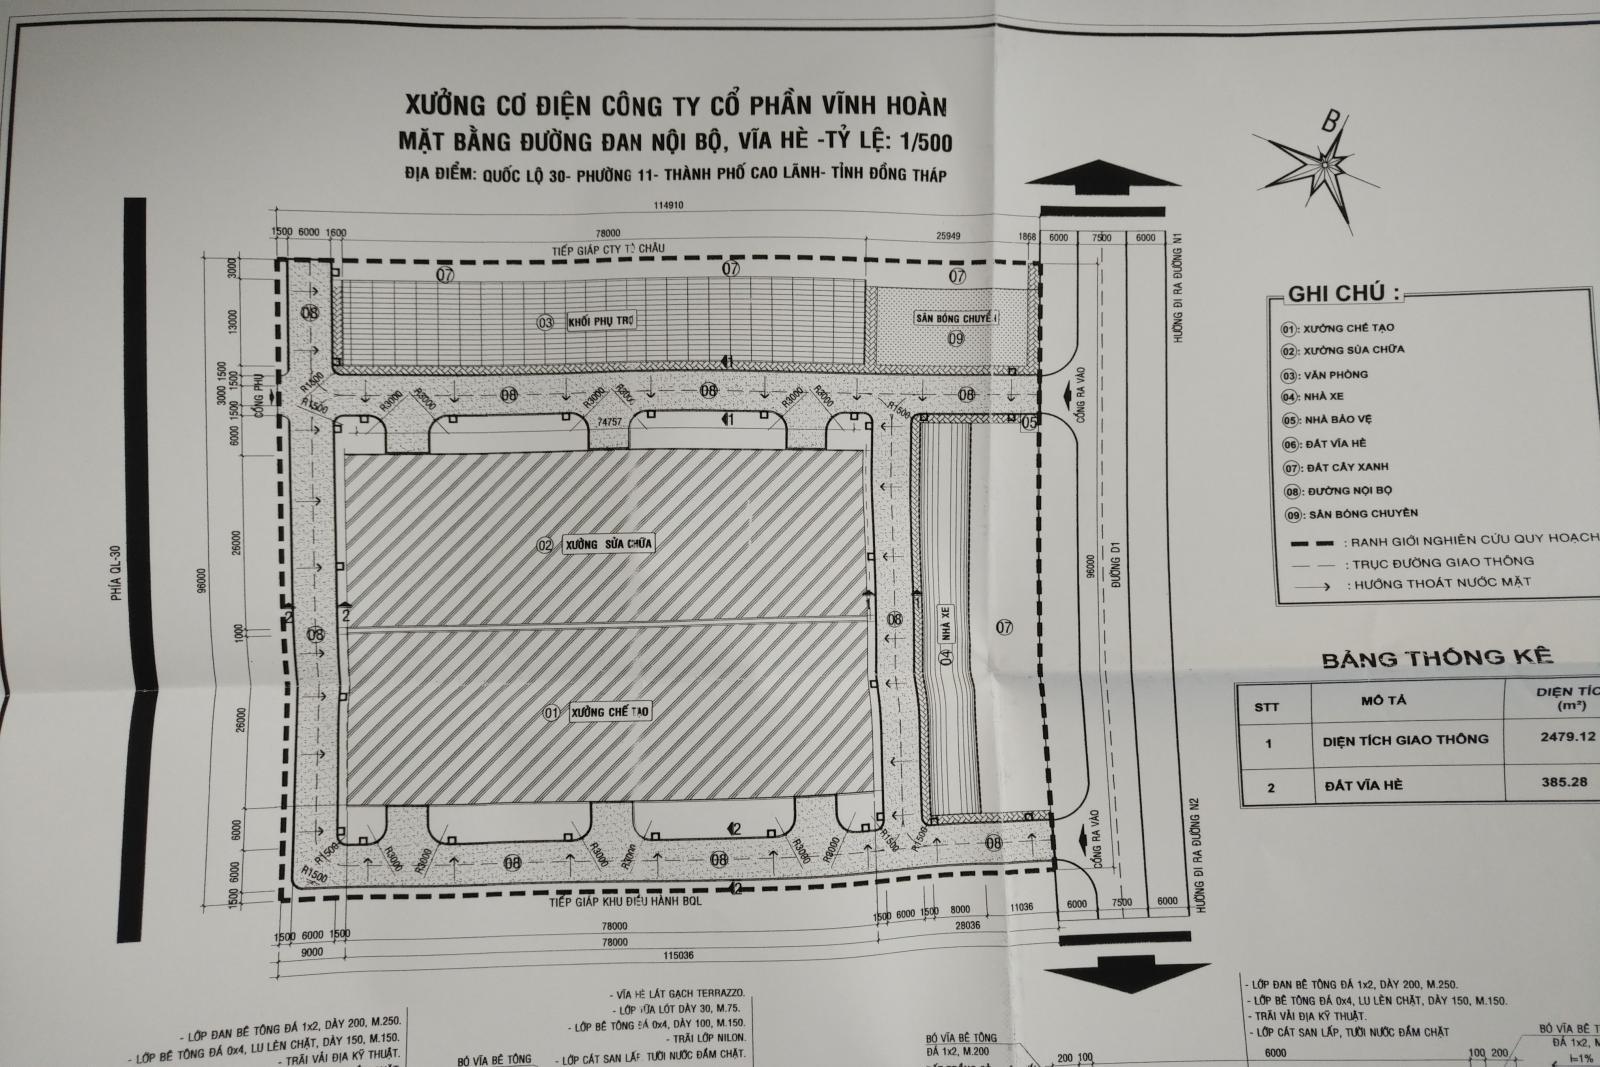 V/v thông báo kết quả thẩm định thiết kế bản vẽ thi công công trình Xưởng cơ điện của Công ty Cổ phần Vĩnh Hoàn